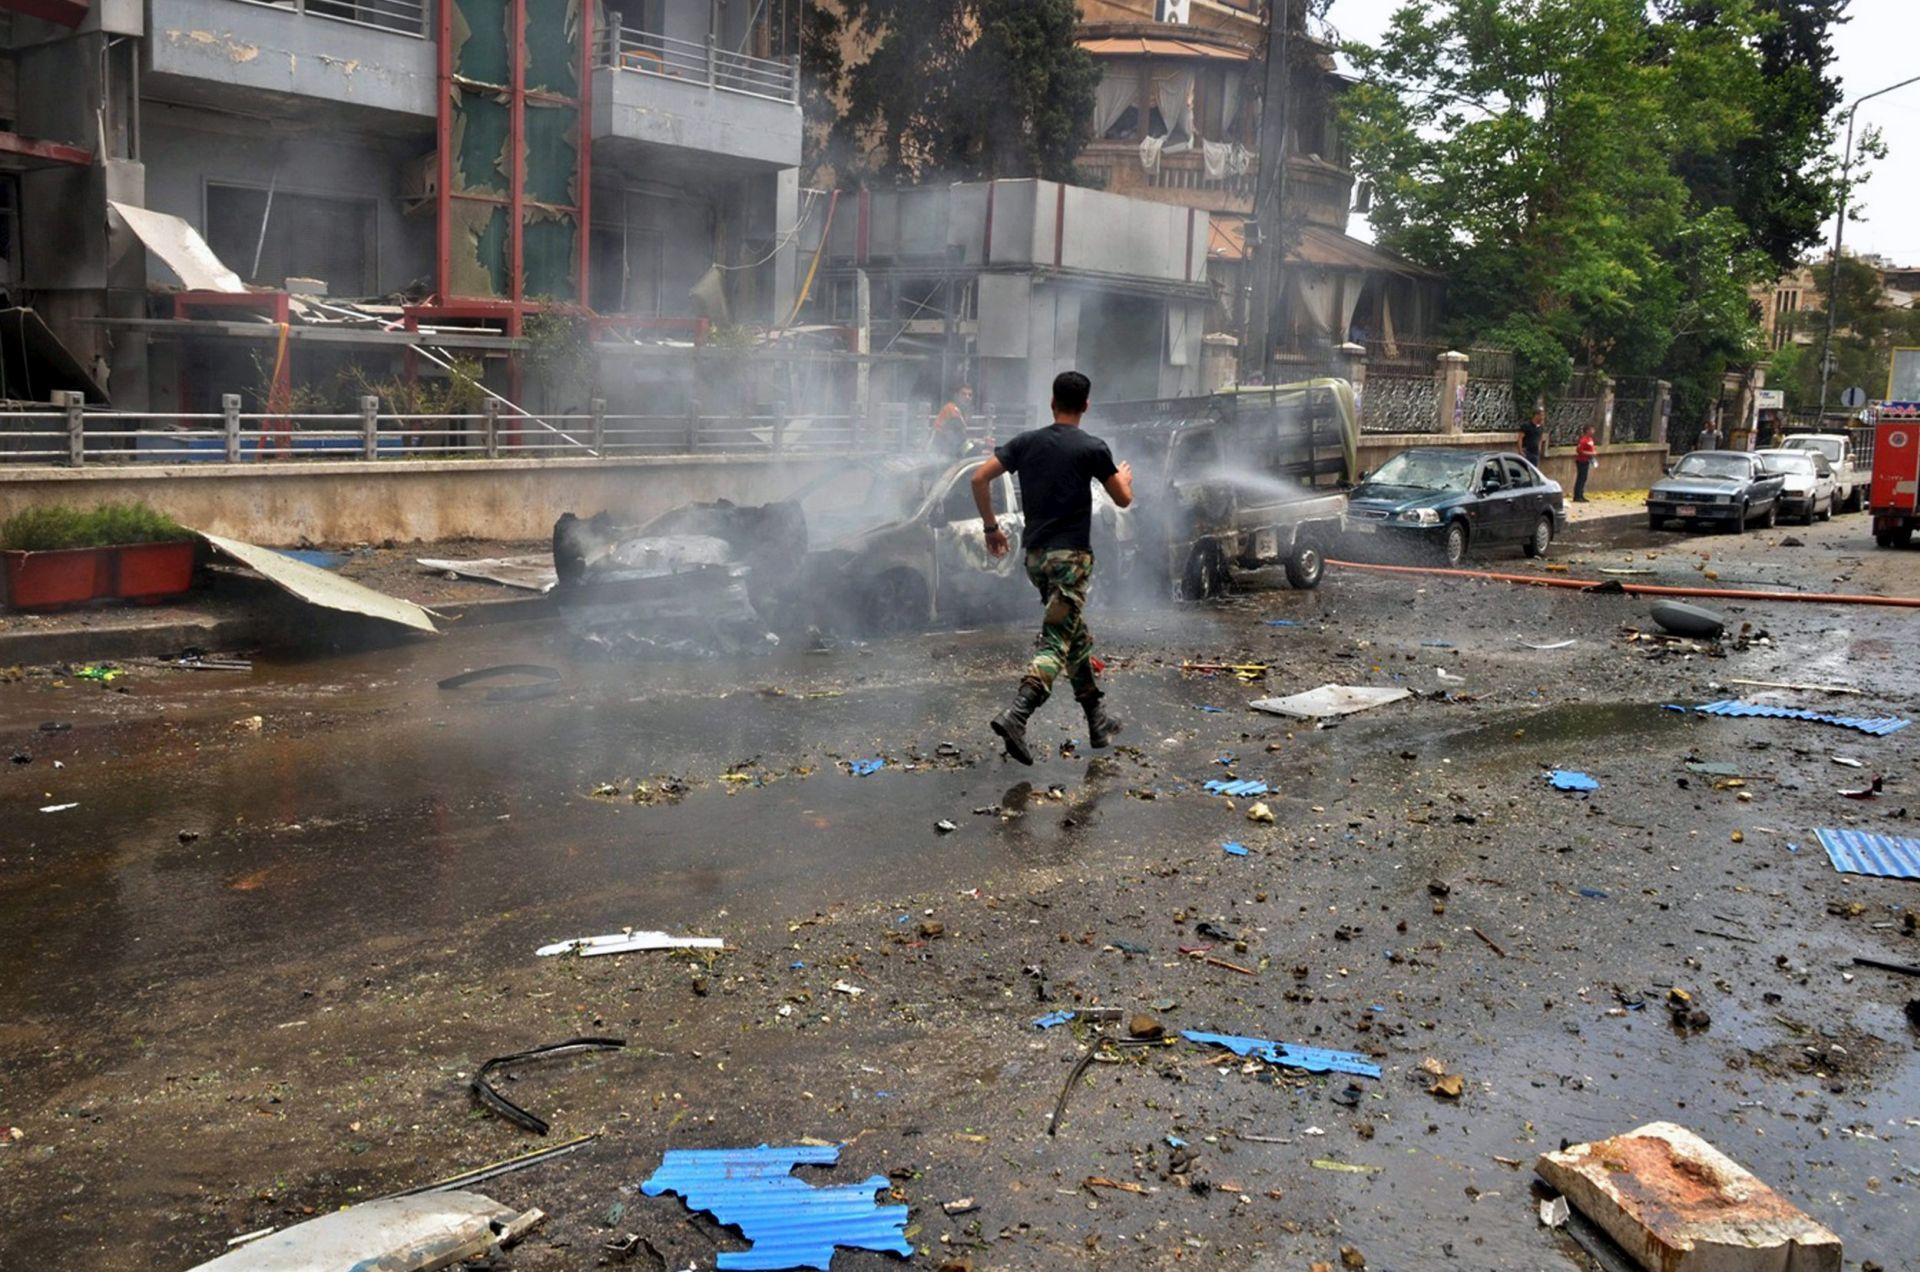 TRAŽE RUSKI UTJECAJ: Sjedinjene Drževe osudile Assadovu izjavu o Alepu